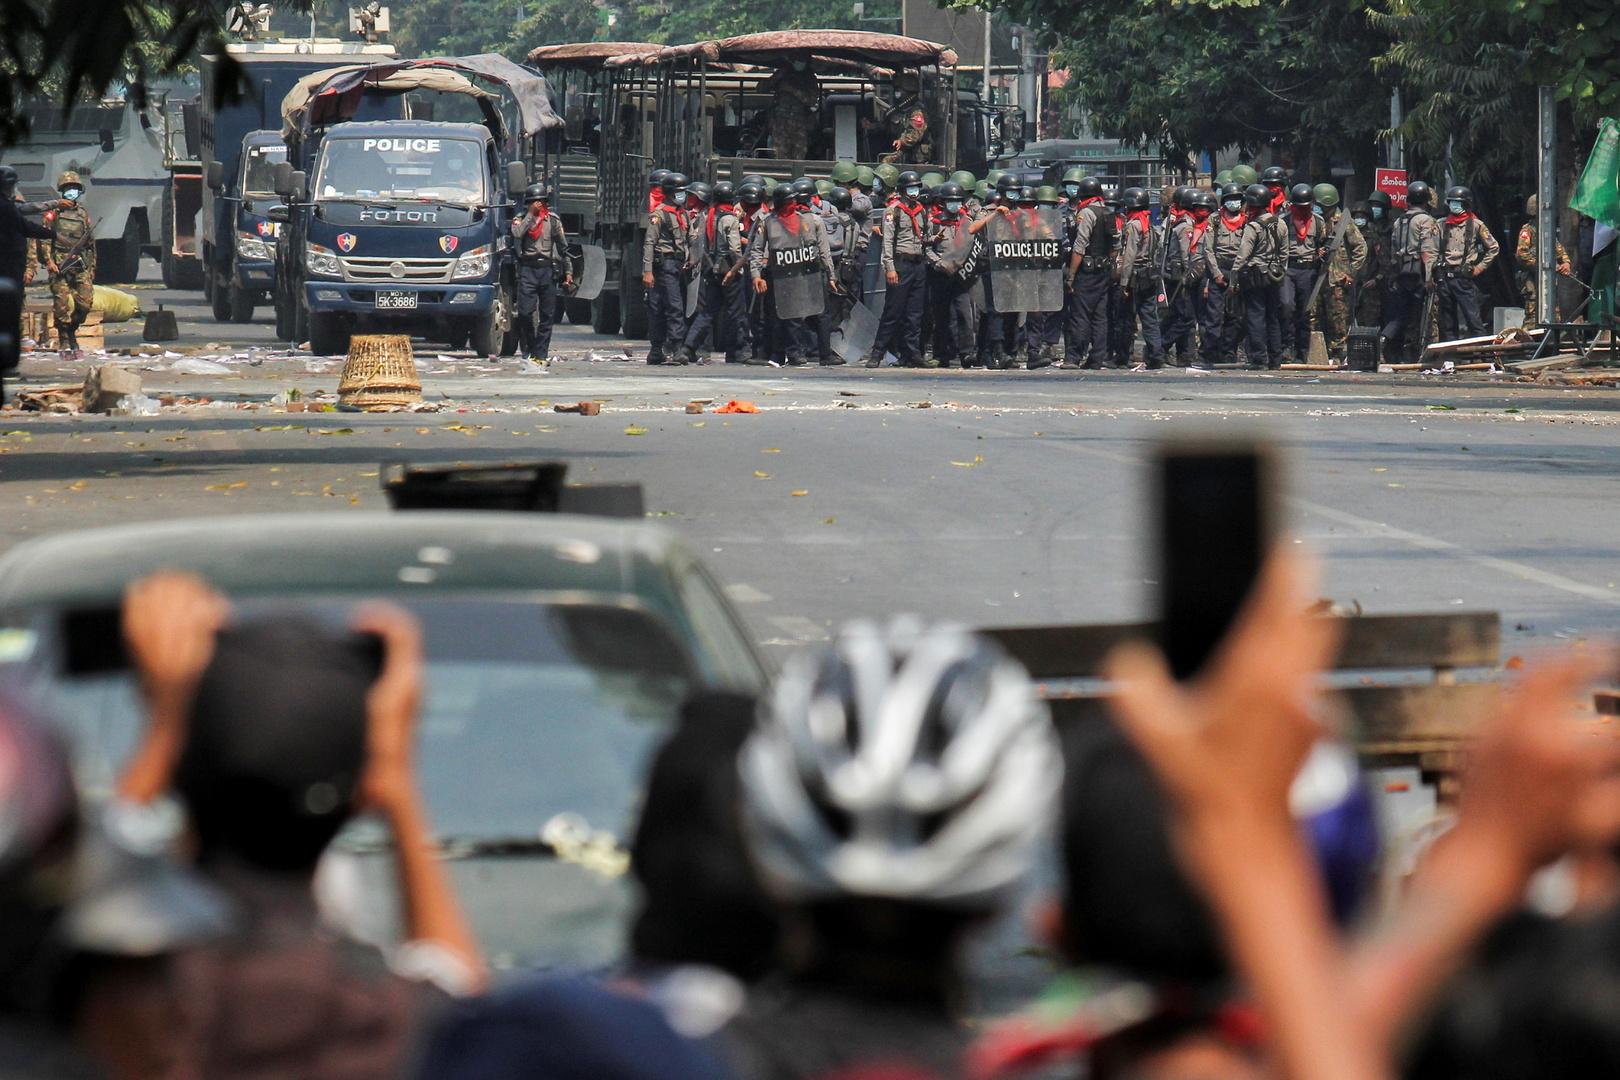 ماليزيا: الزعيم العسكري في ميانمار وافق على وقف العنف والإفراج عن المعتقلين السياسيين